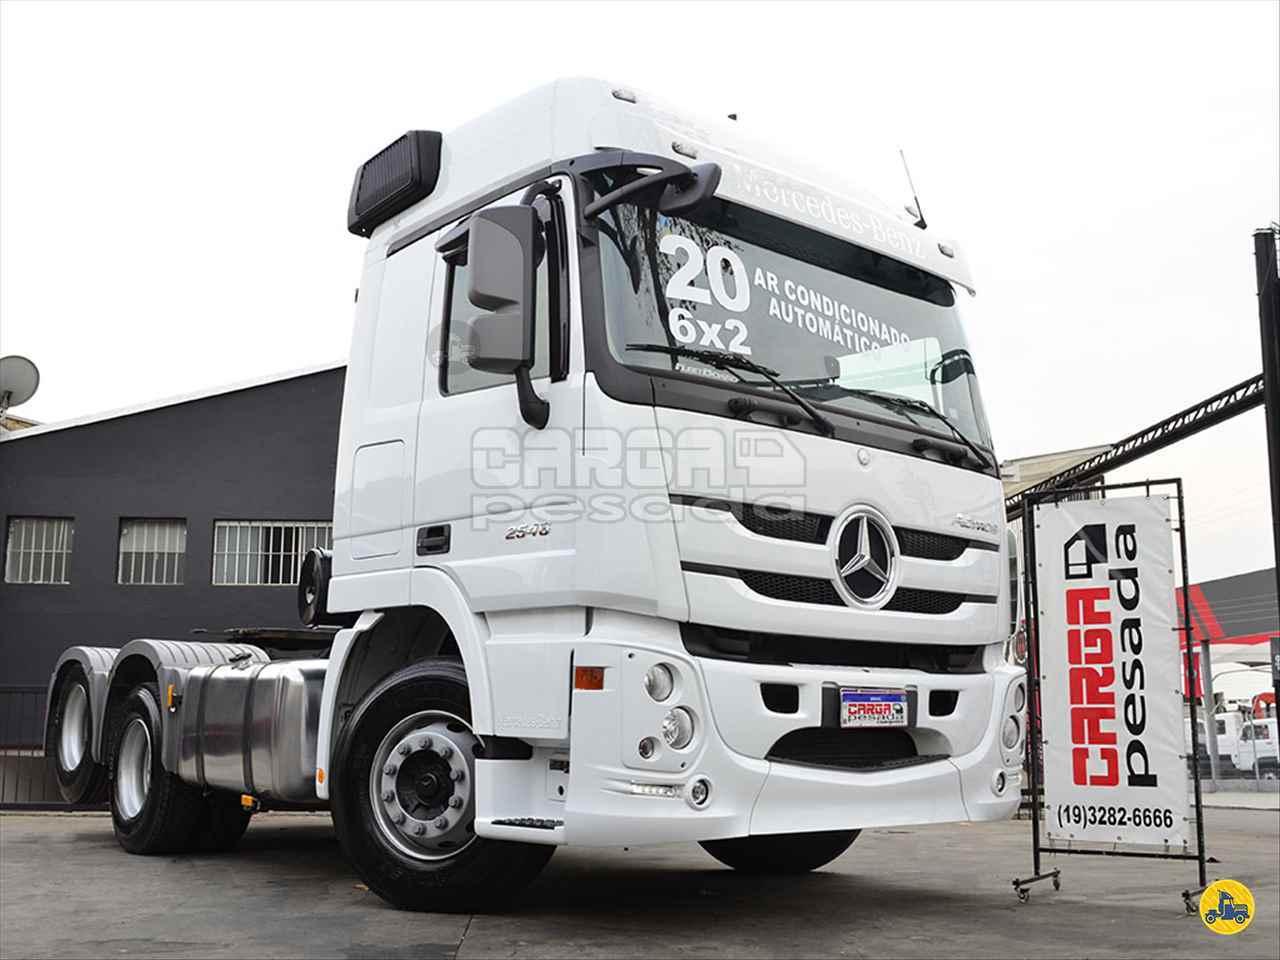 CAMINHAO MERCEDES-BENZ MB 2546 Cavalo Mecânico Truck 6x2 Carga Pesada Caminhões SAO PAULO SÃO PAULO SP